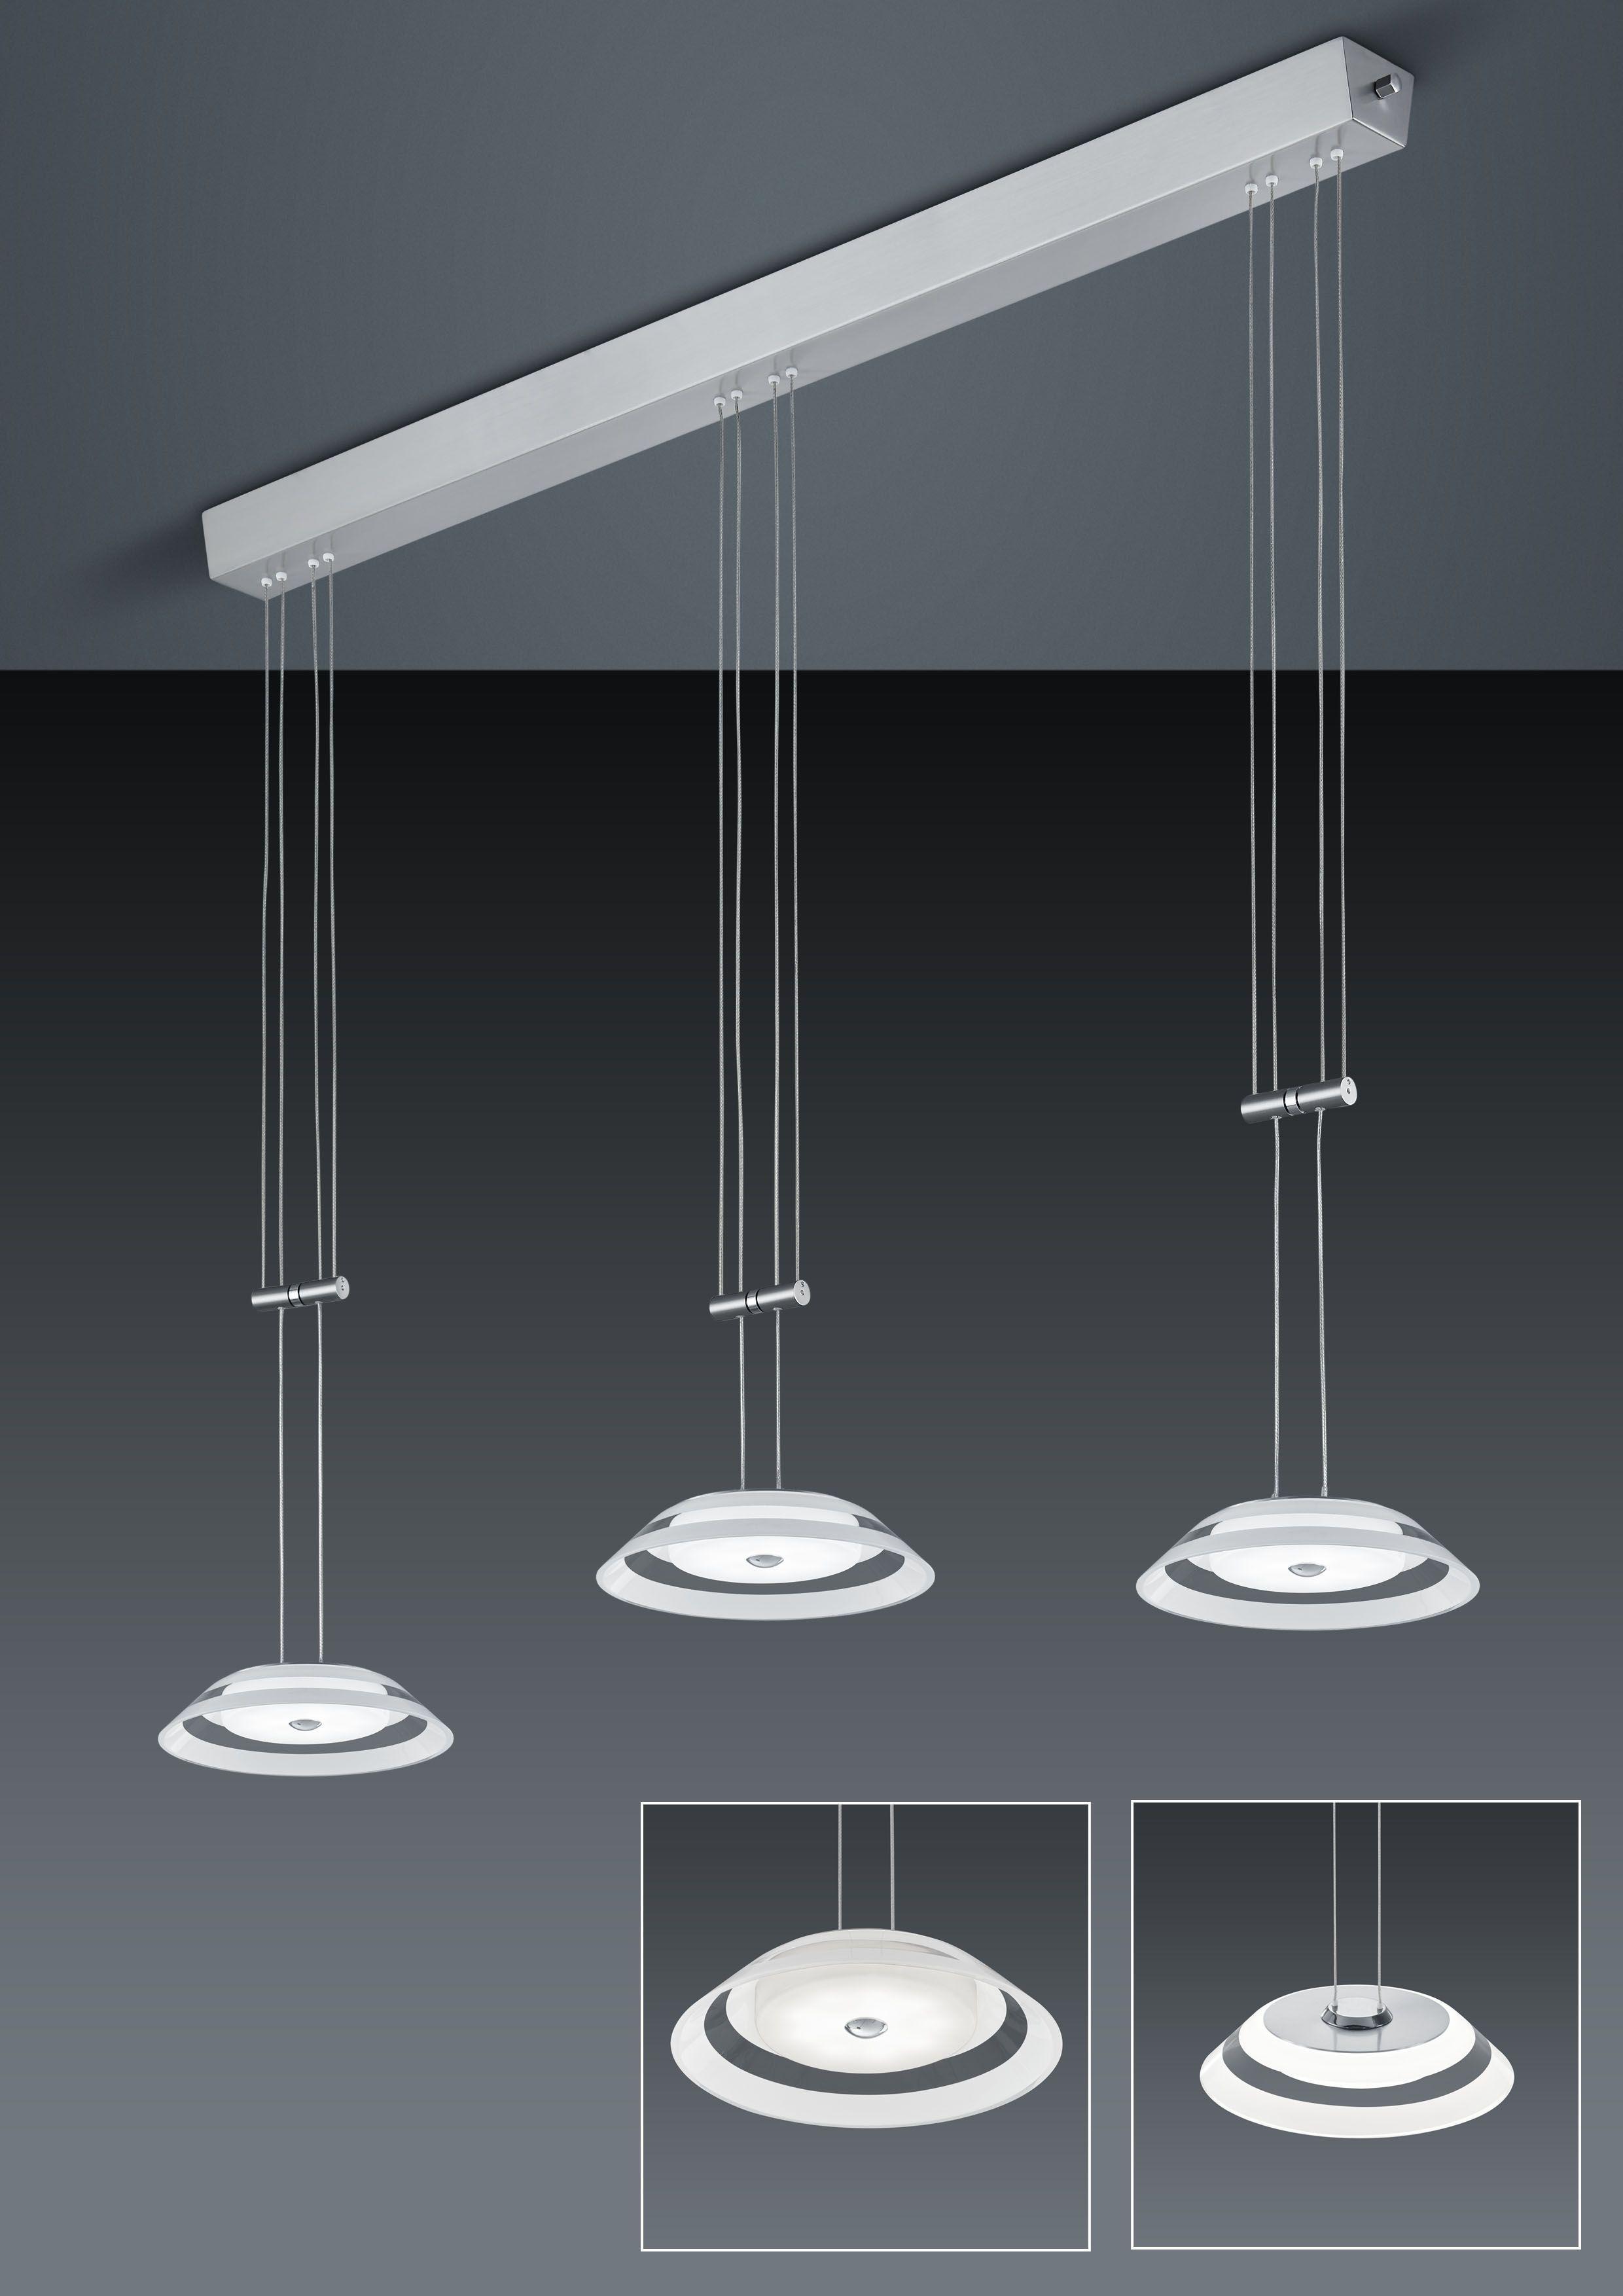 LED-Hängeleuchten von BANKAMP Leuchtenmanufaktur LED-Hängeleuchte Callas 2097/3-92